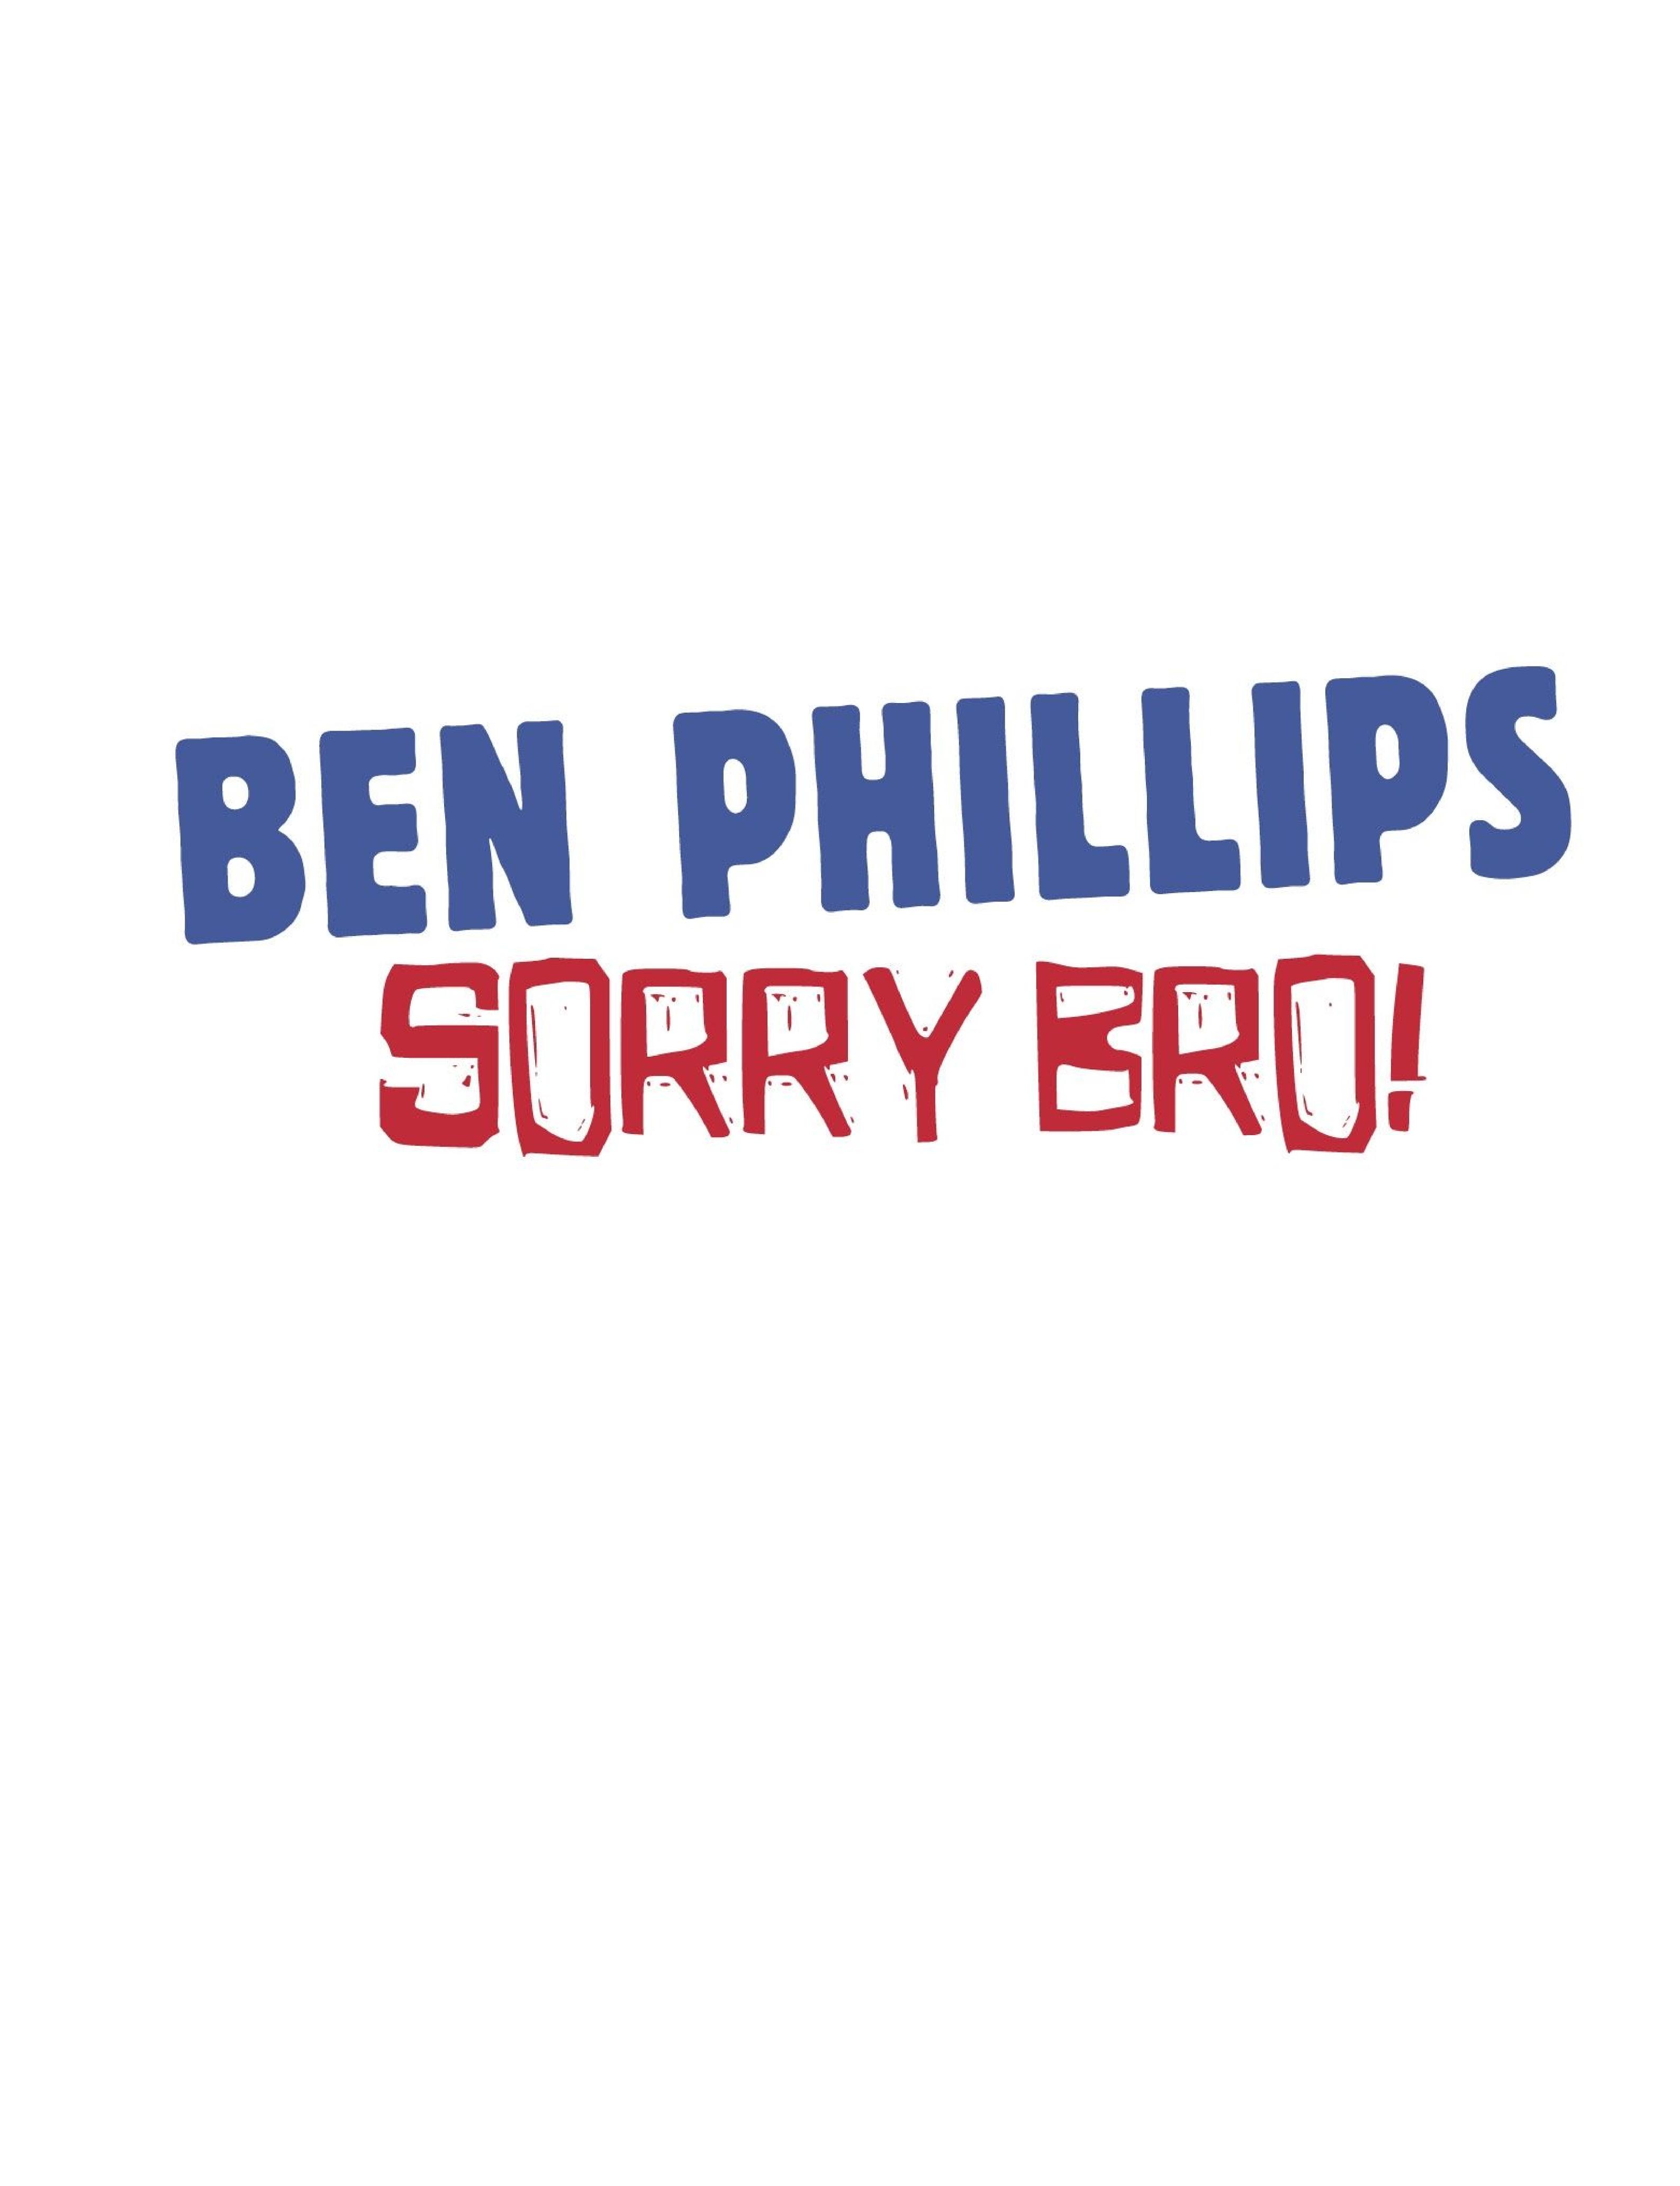 Sorry Bro